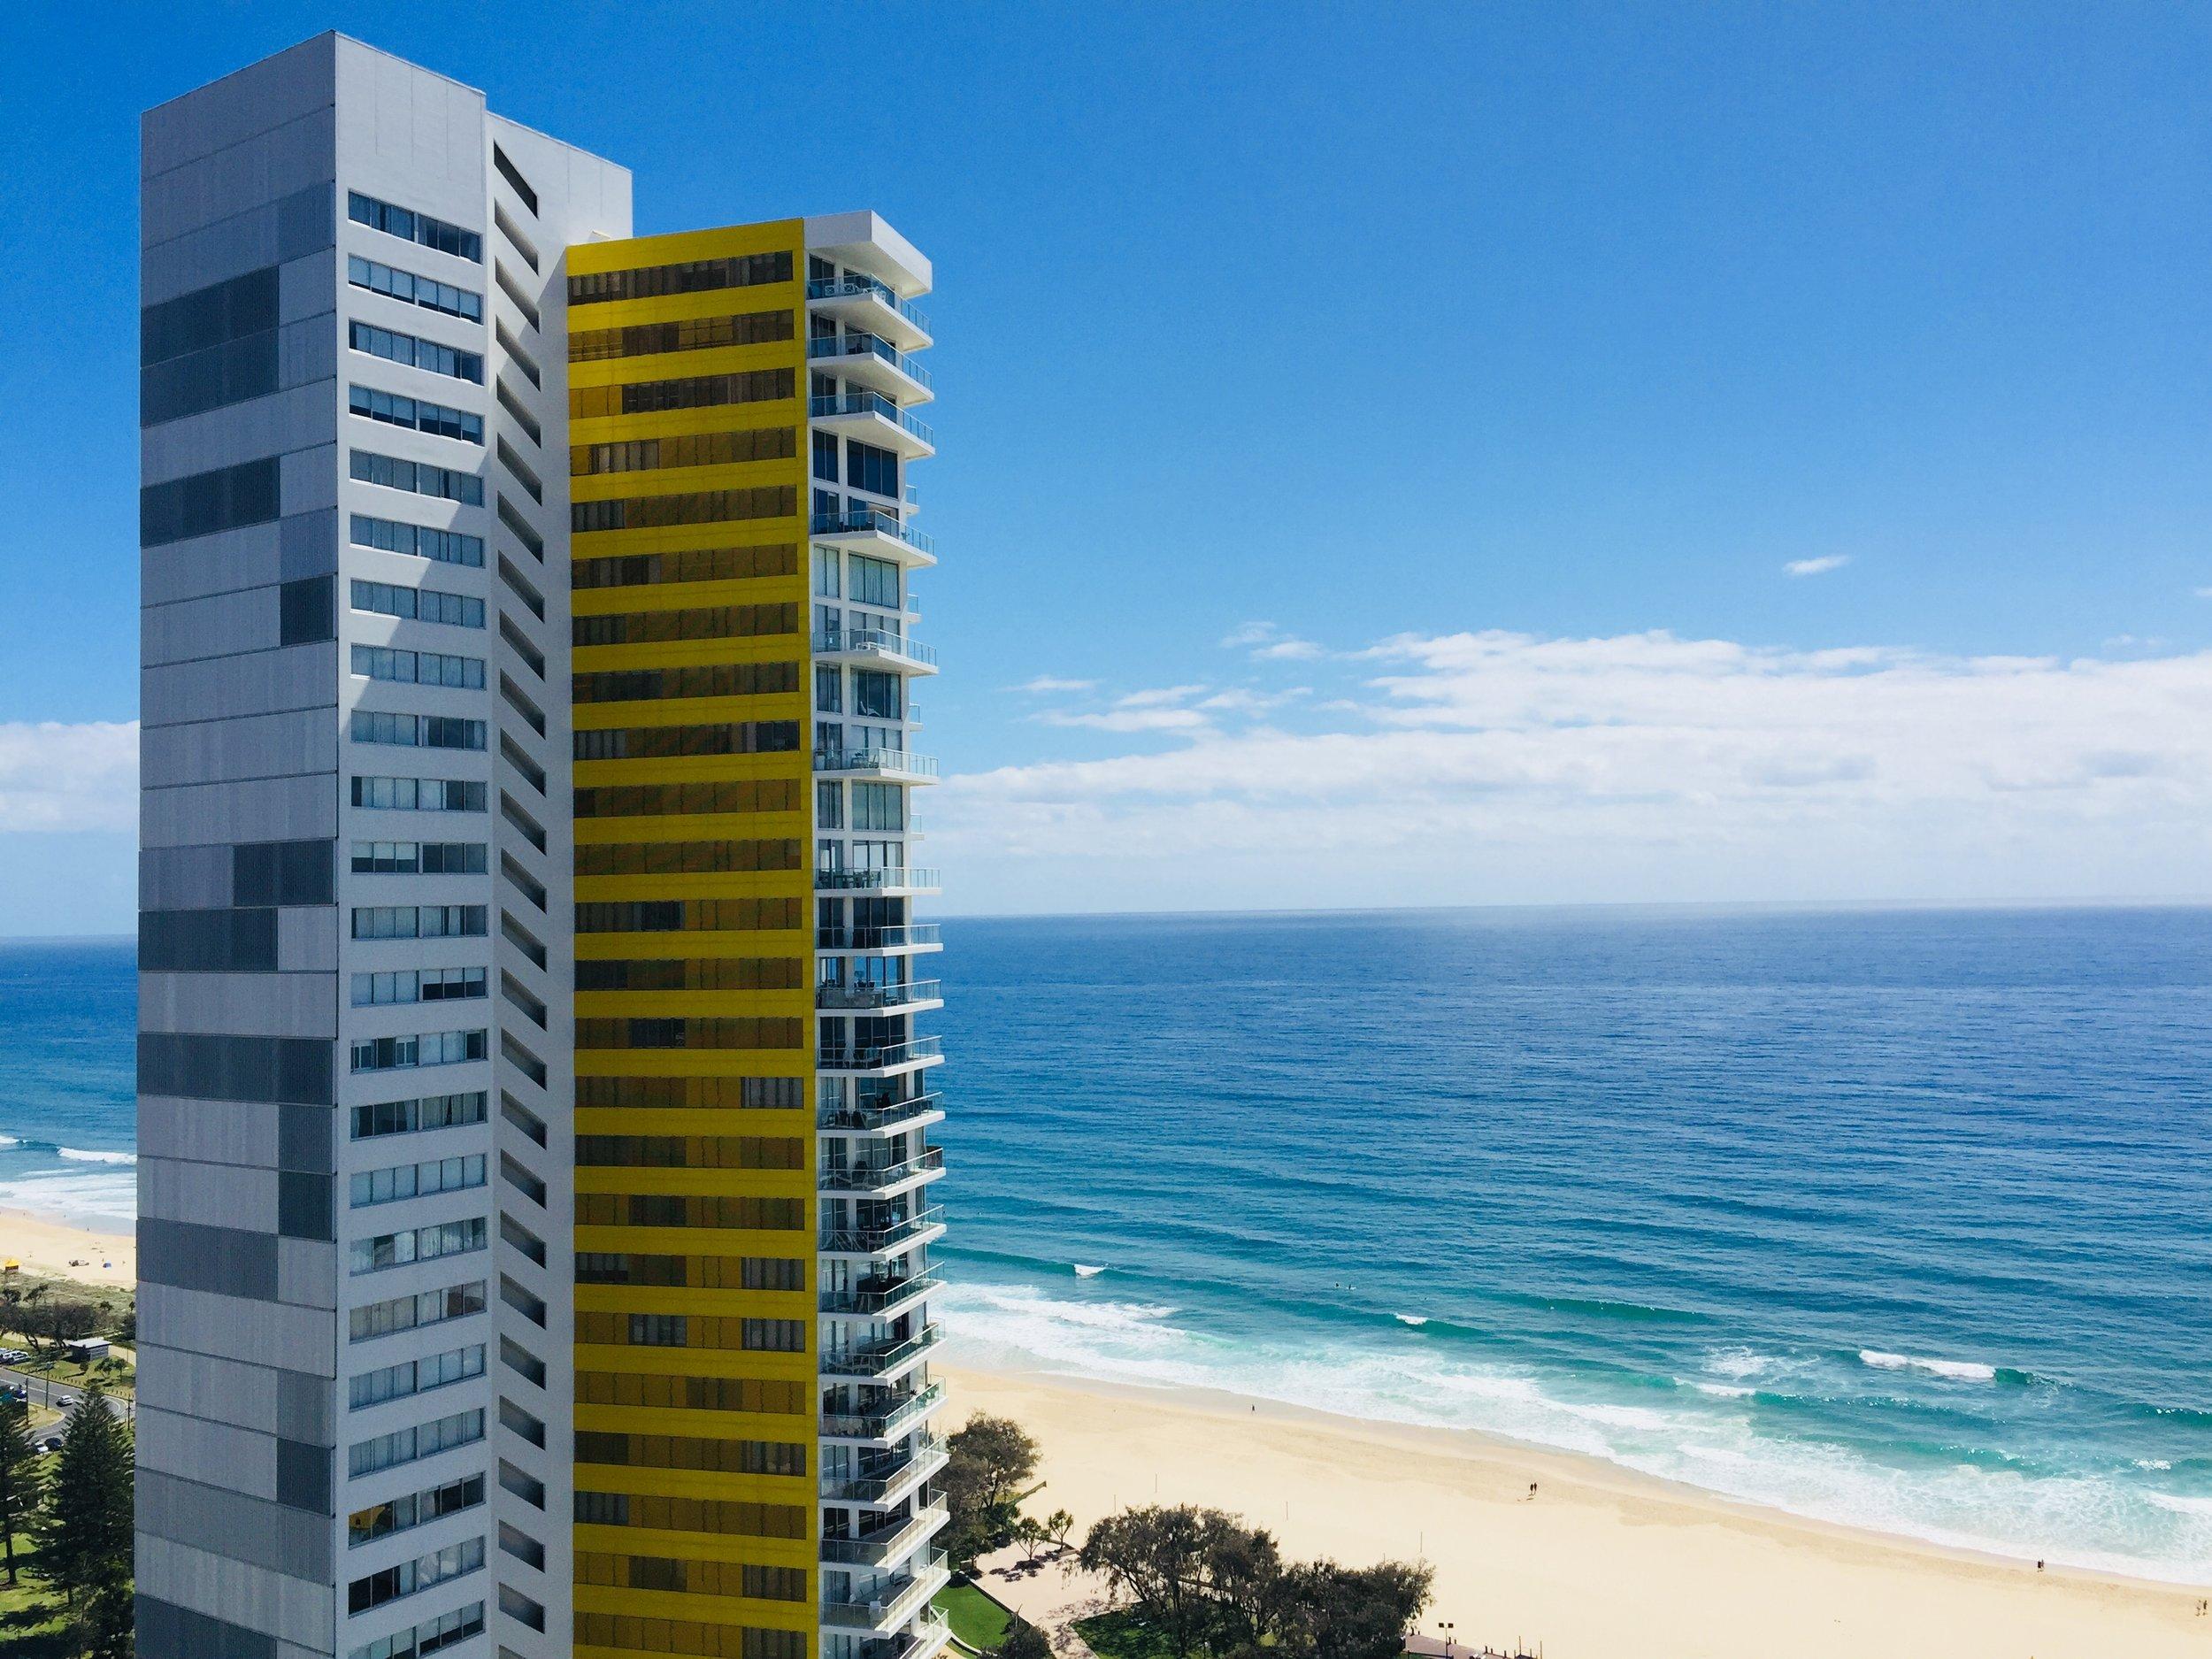 Insuring Condominiums - Click here